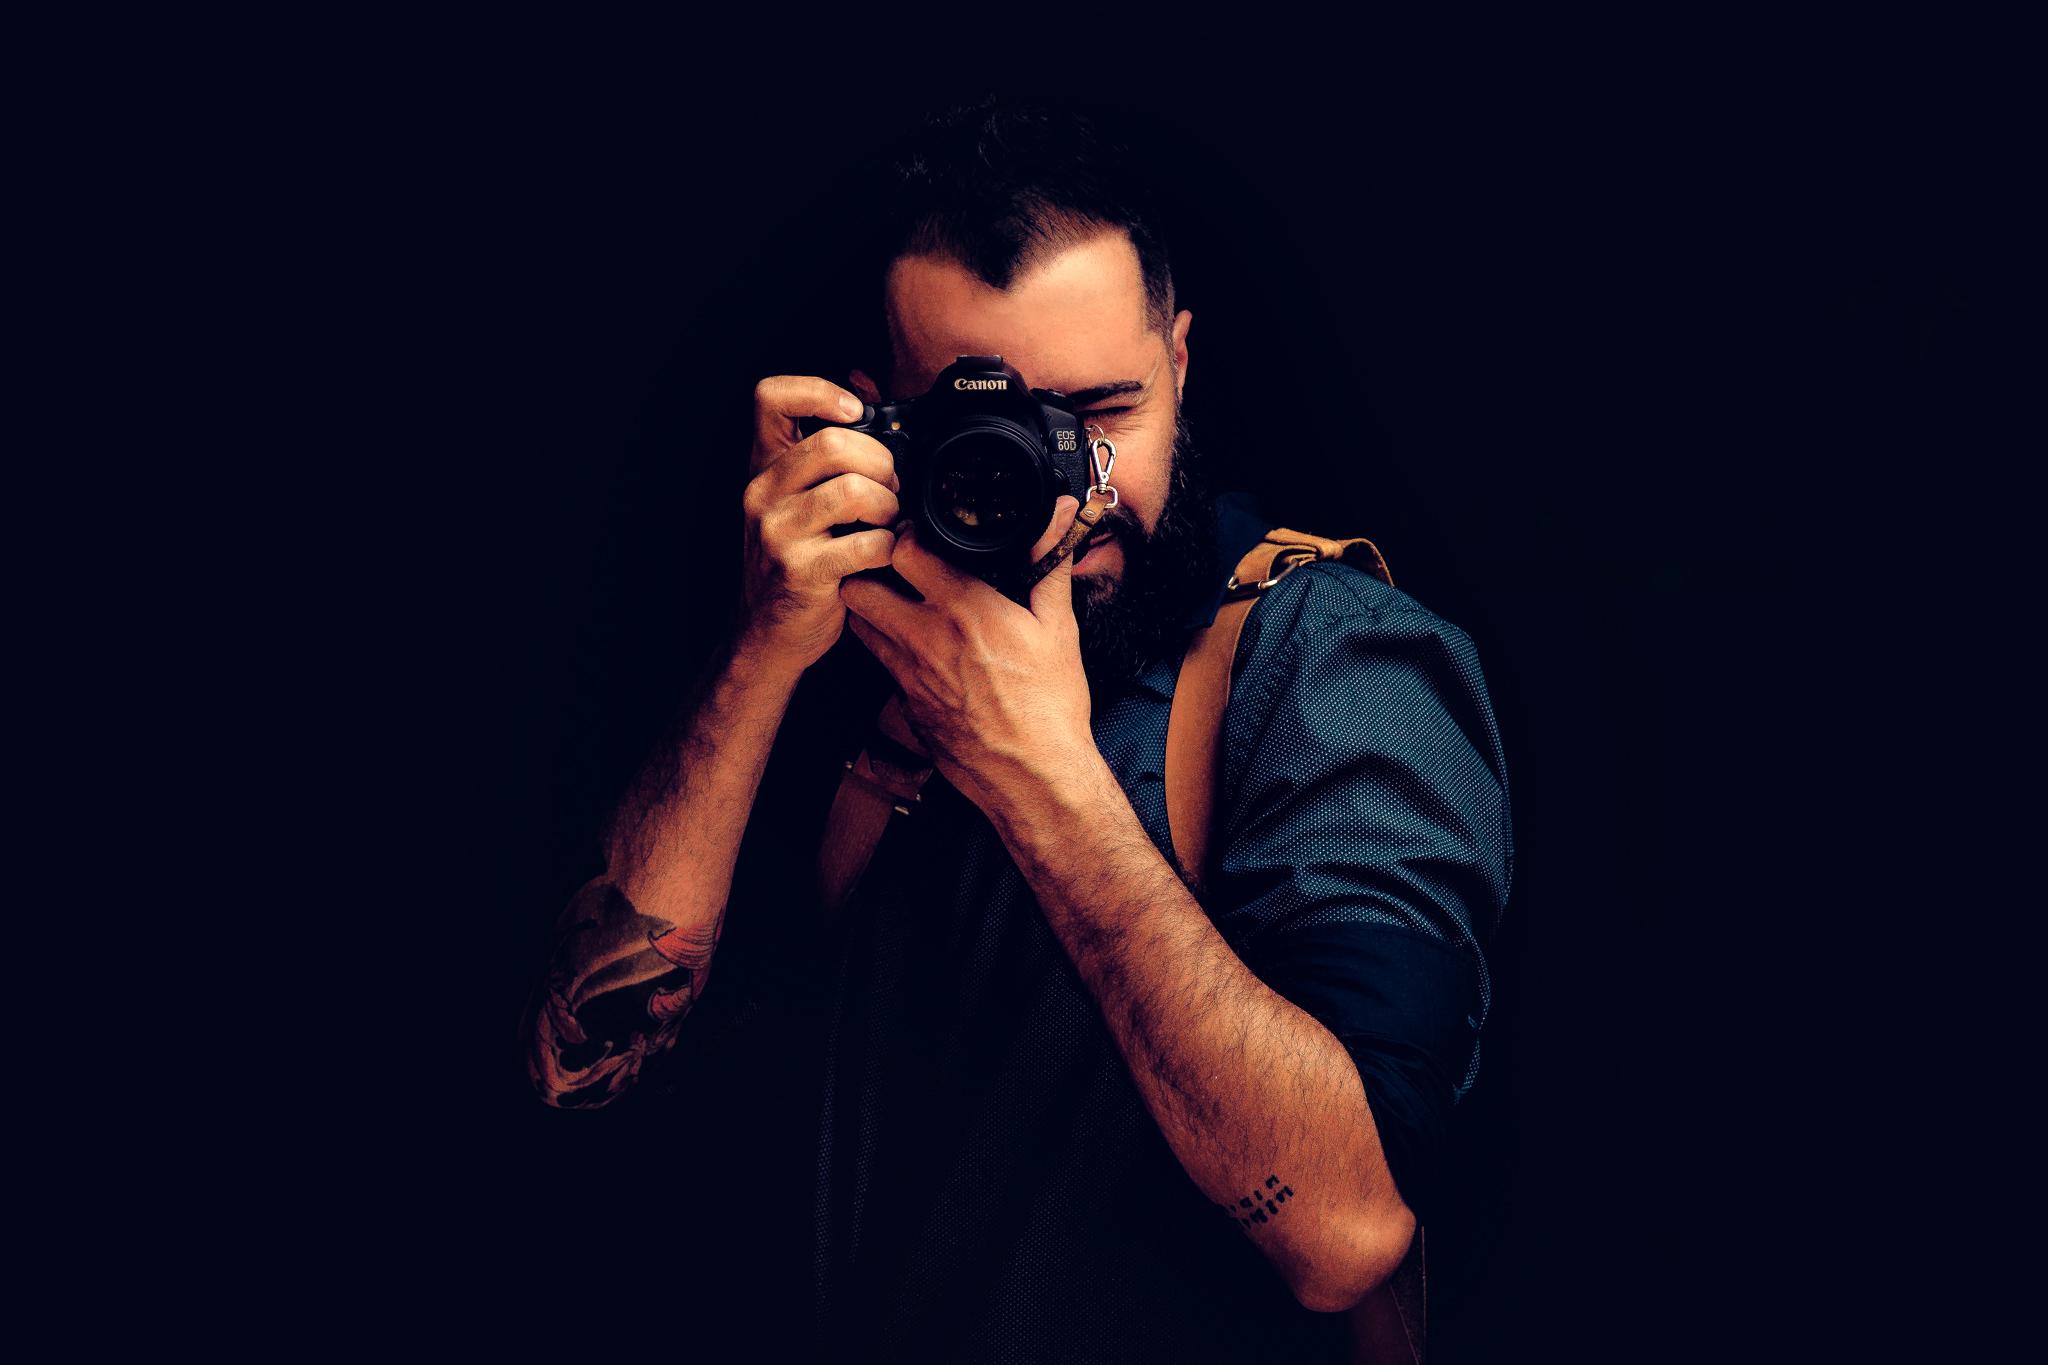 Contate Fotógrafo de Casamentos em Curitiba e Região - Renato Becker